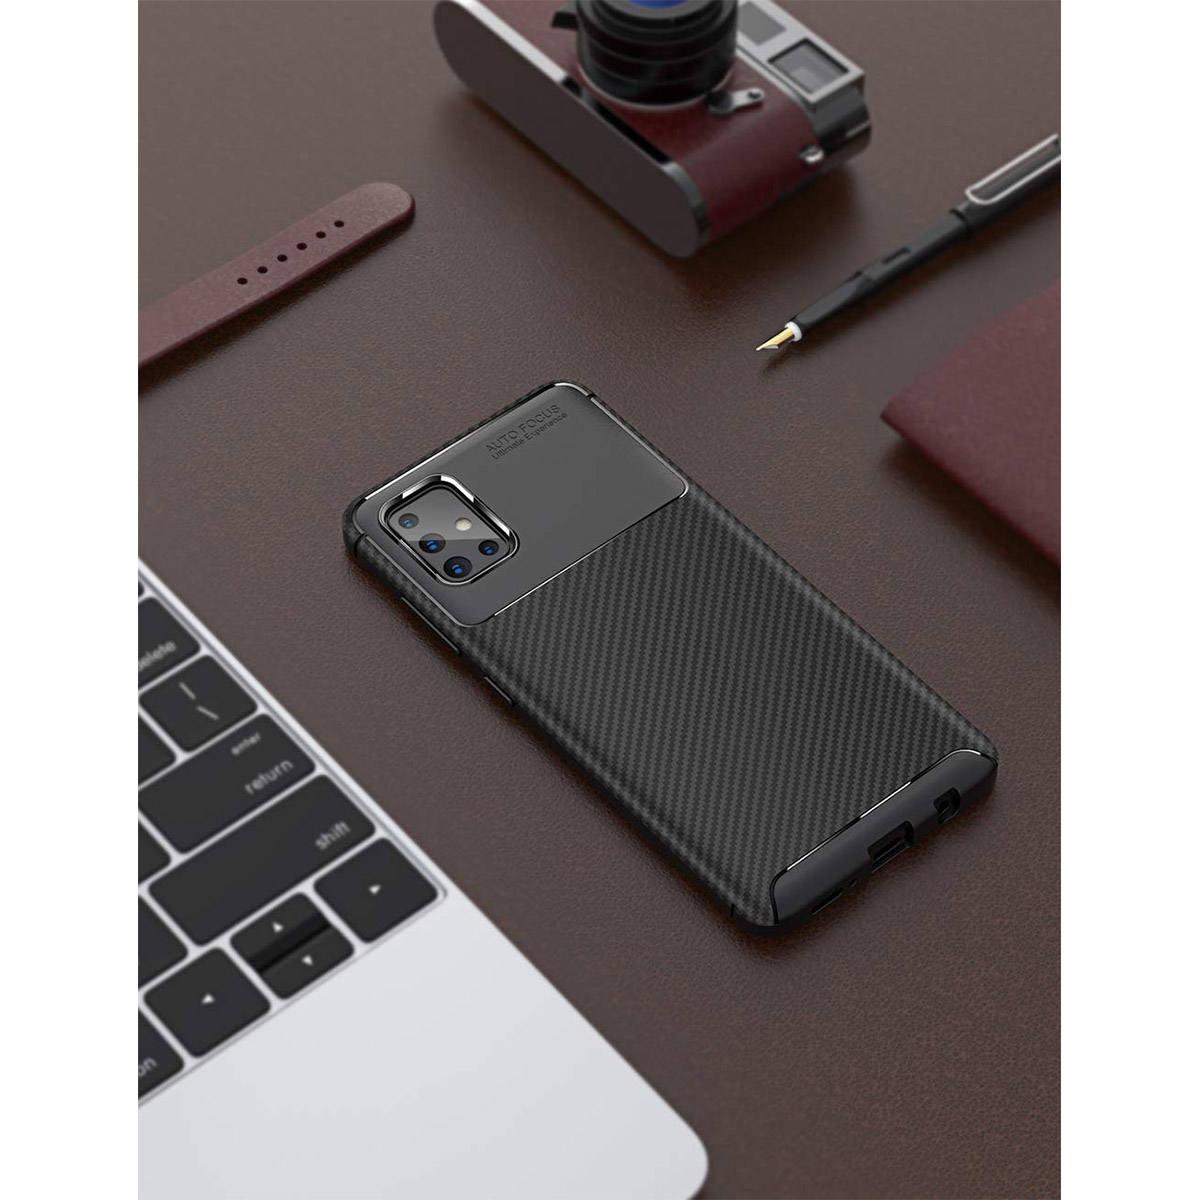 کاور لاین کینگ مدل A21 مناسب برای گوشی موبایل سامسونگ Galaxy A71 thumb 2 17